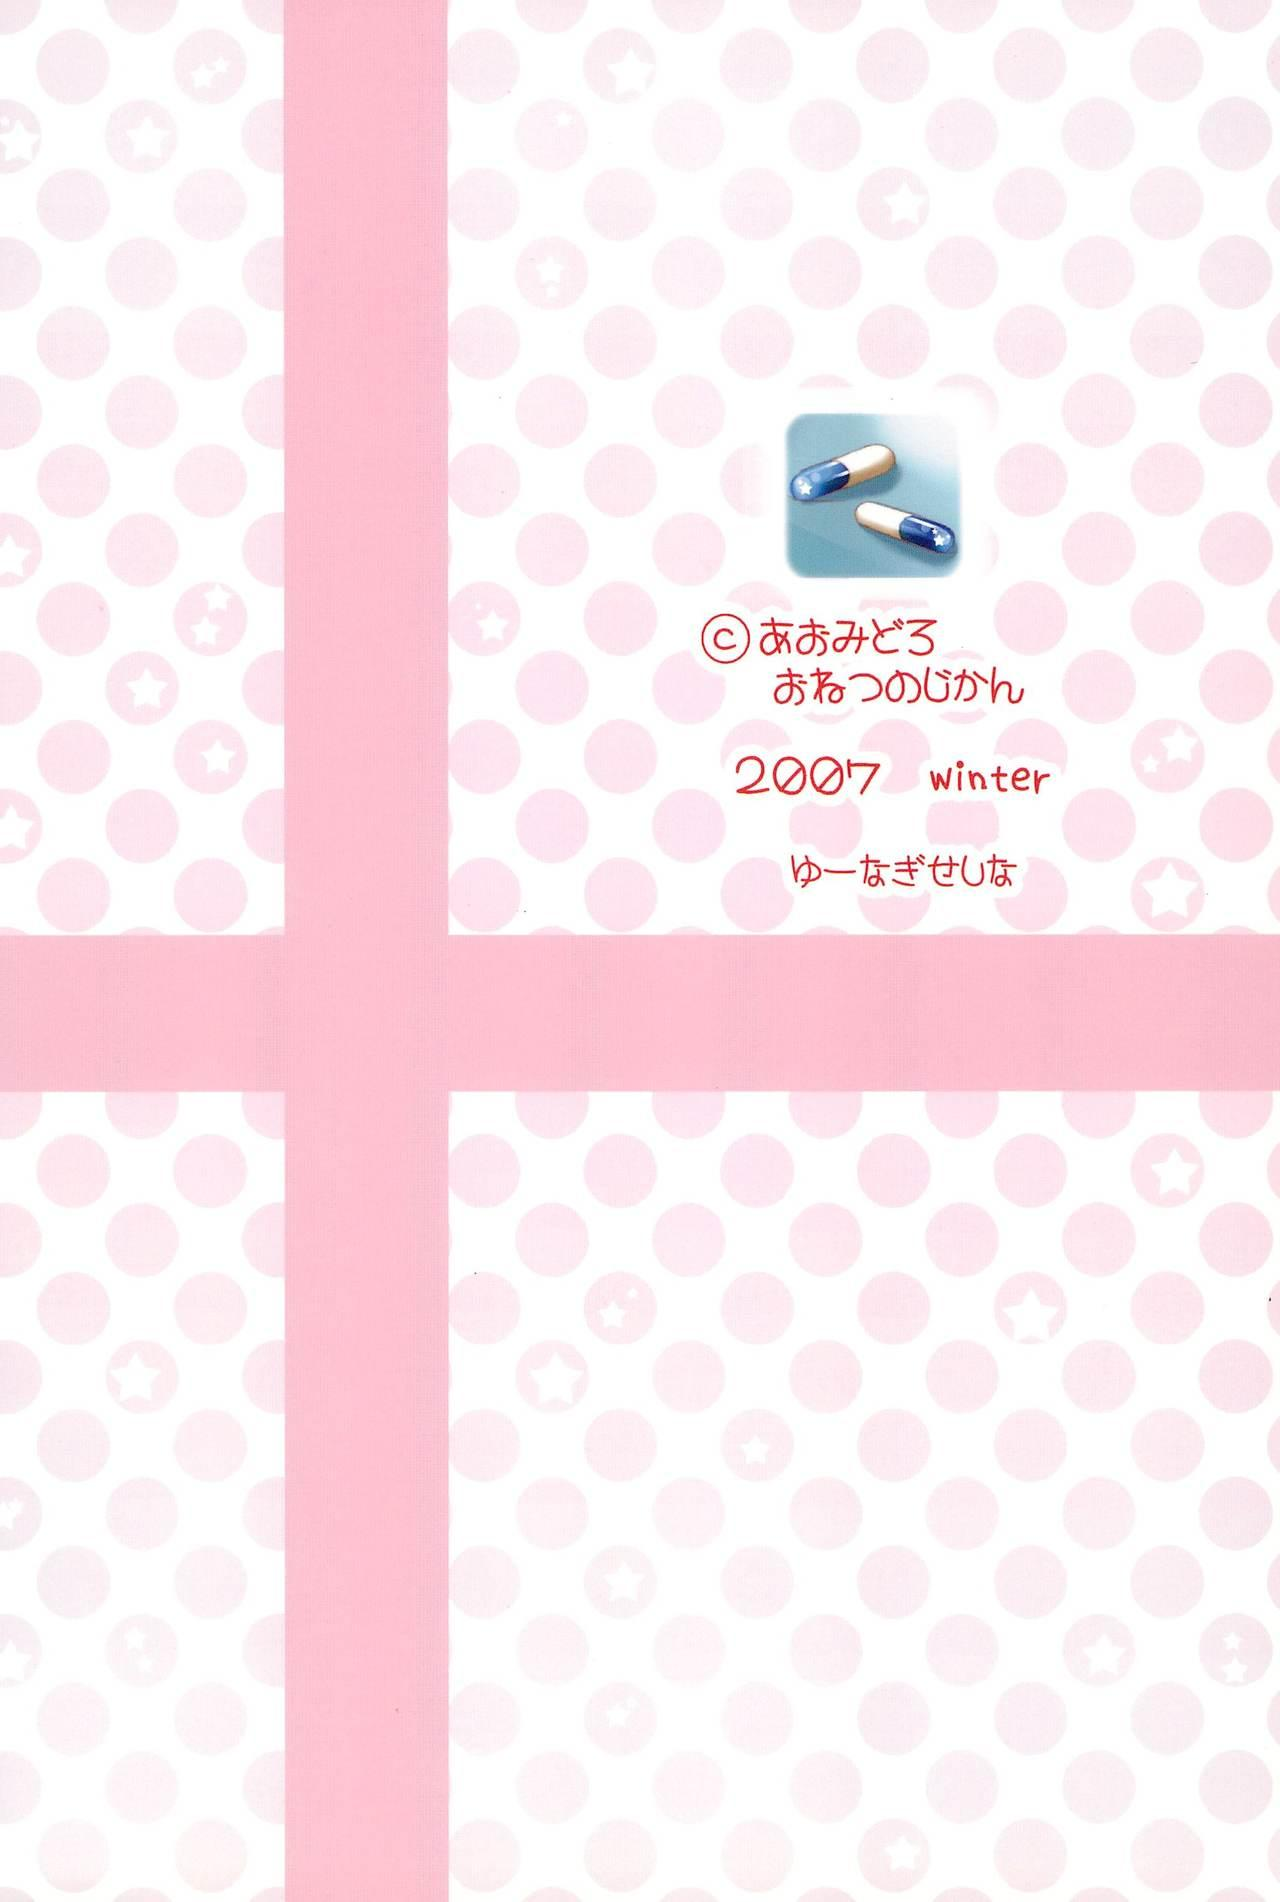 Onetsu no Jikan 23